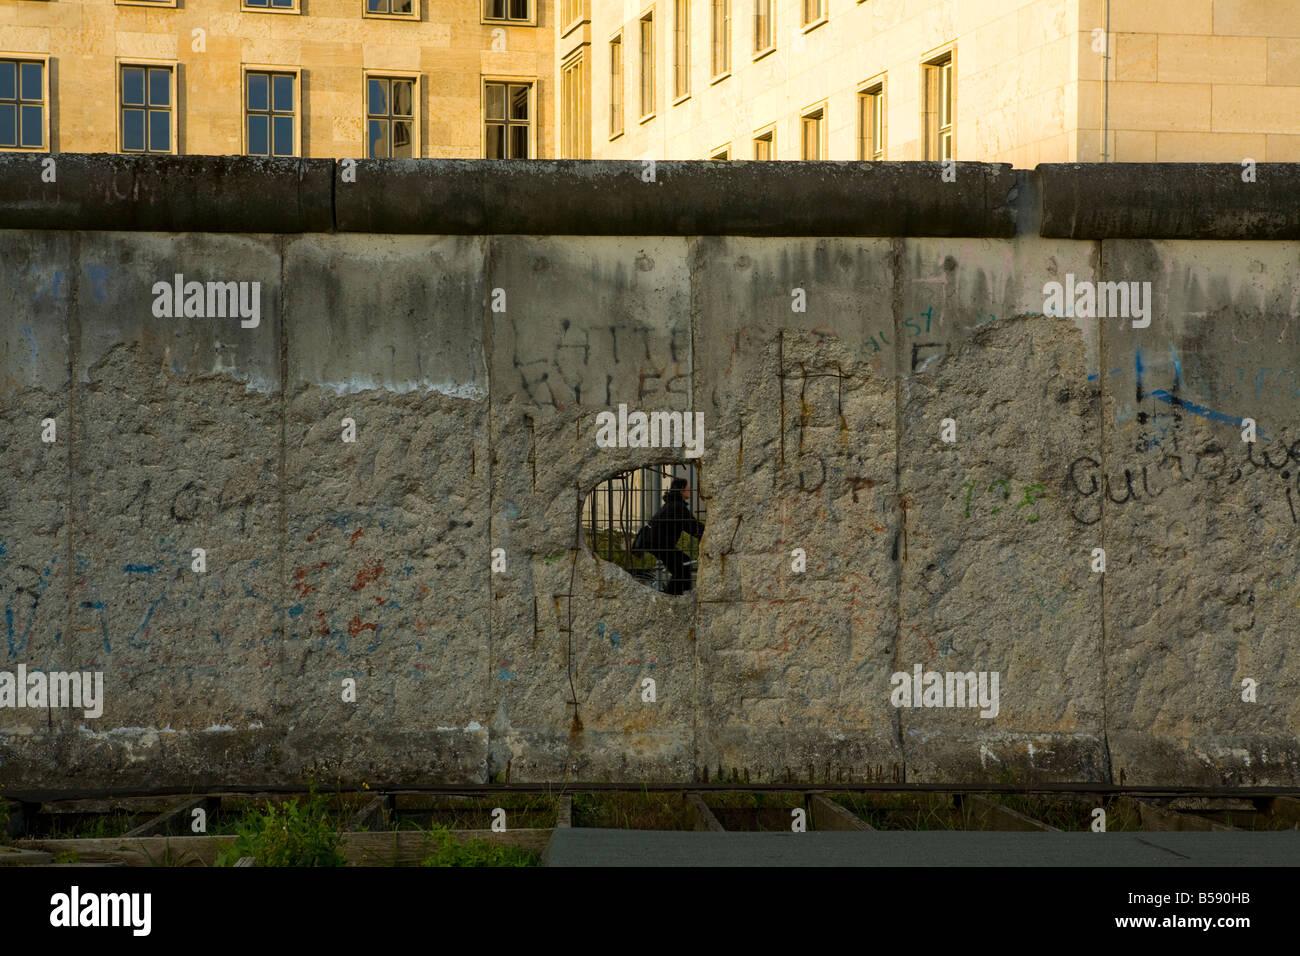 La vista a través del Muro de Berlín Imagen De Stock